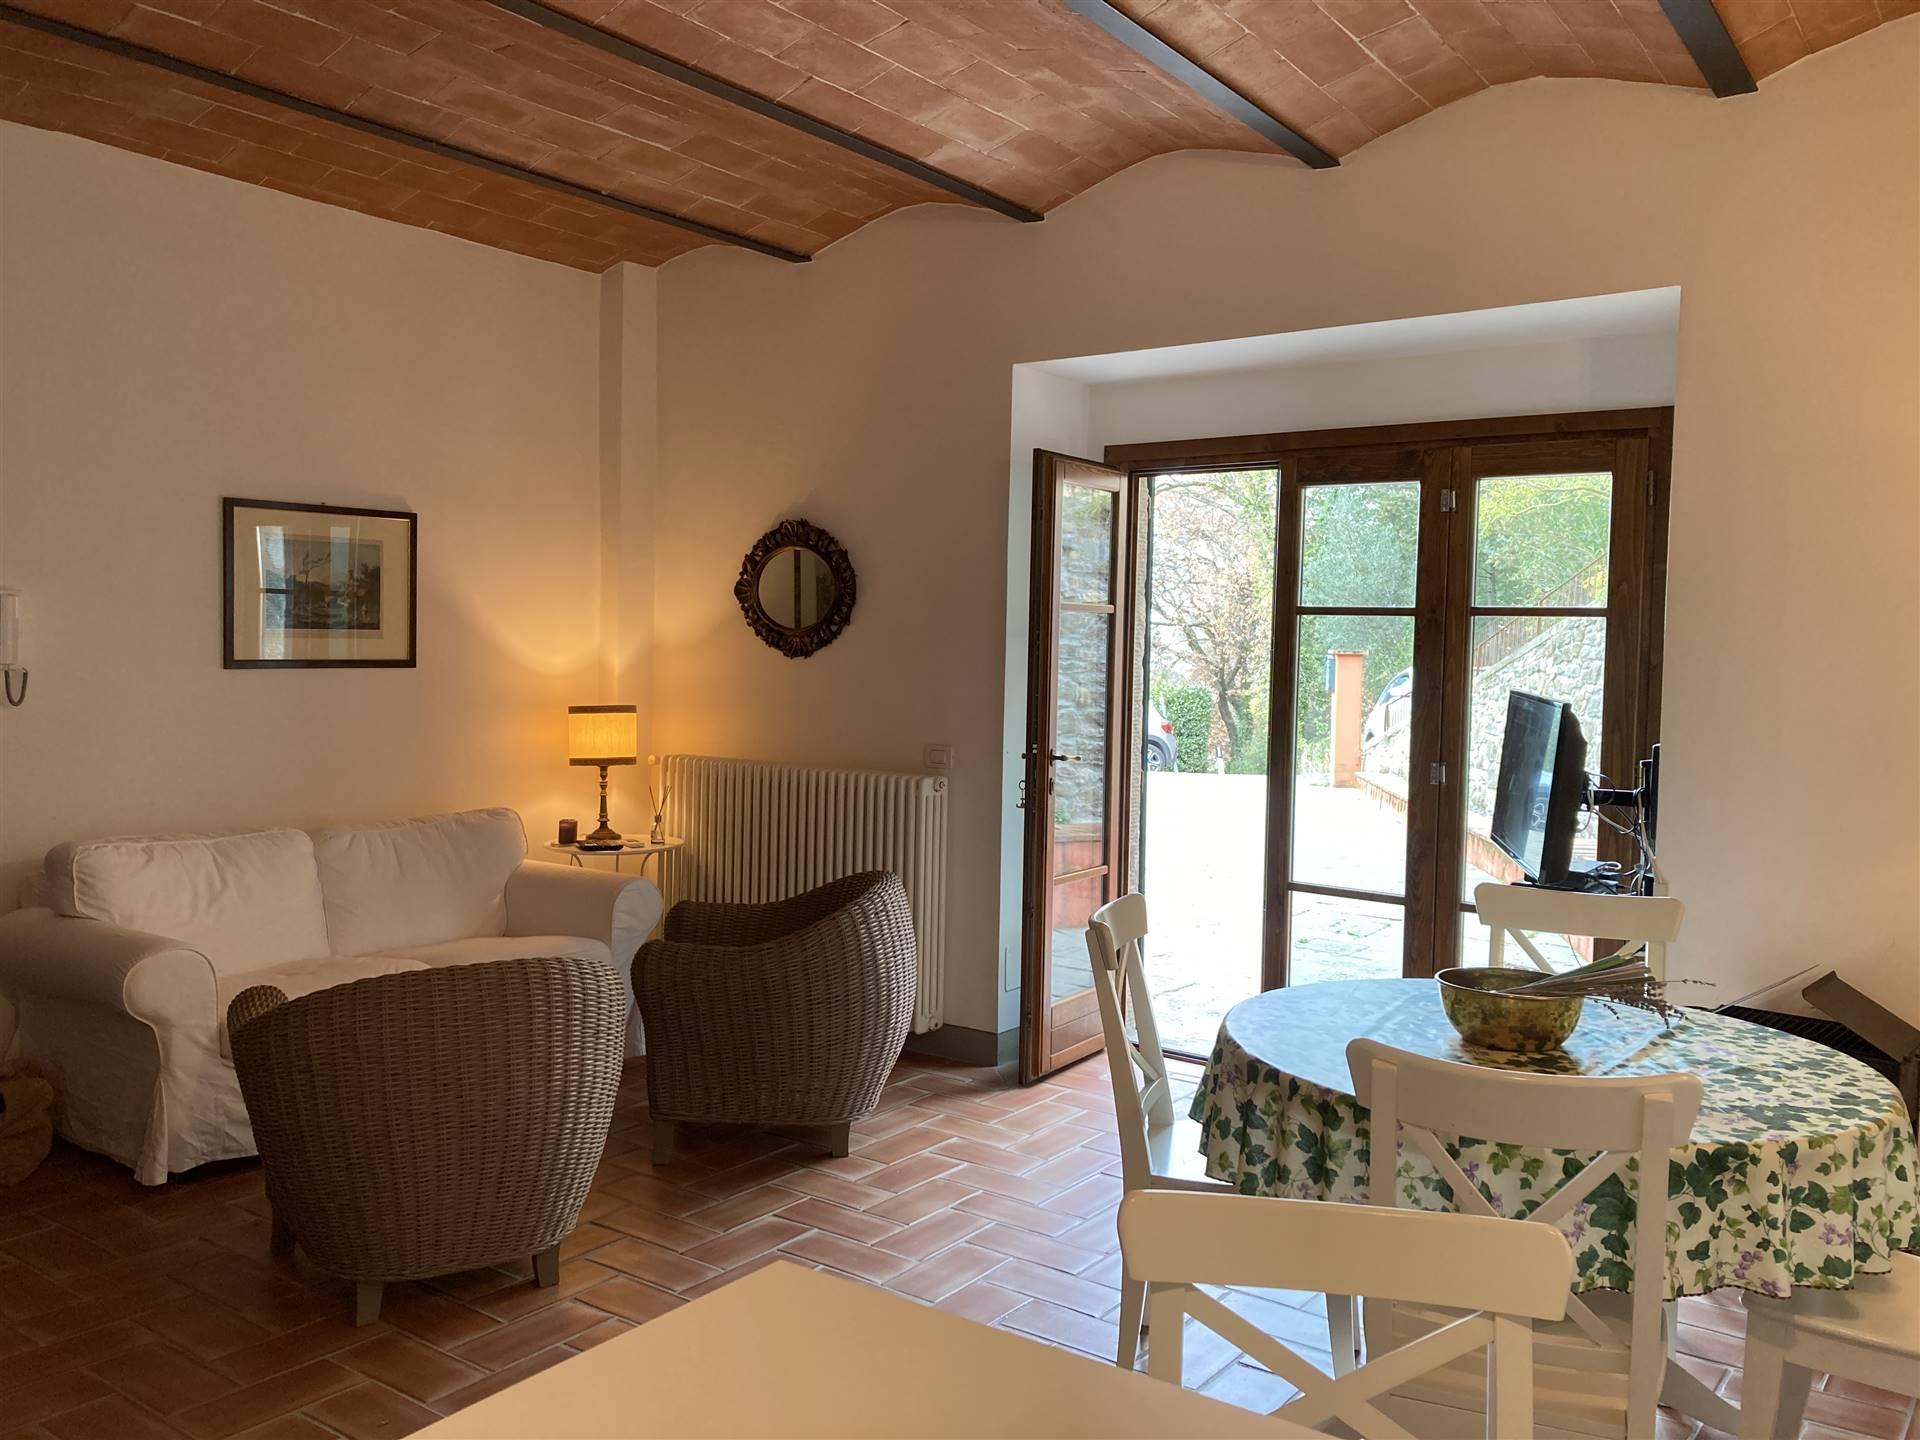 Soluzione Indipendente in affitto a San Casciano in Val di Pesa, 3 locali, zona Zona: Romola, prezzo € 900   CambioCasa.it